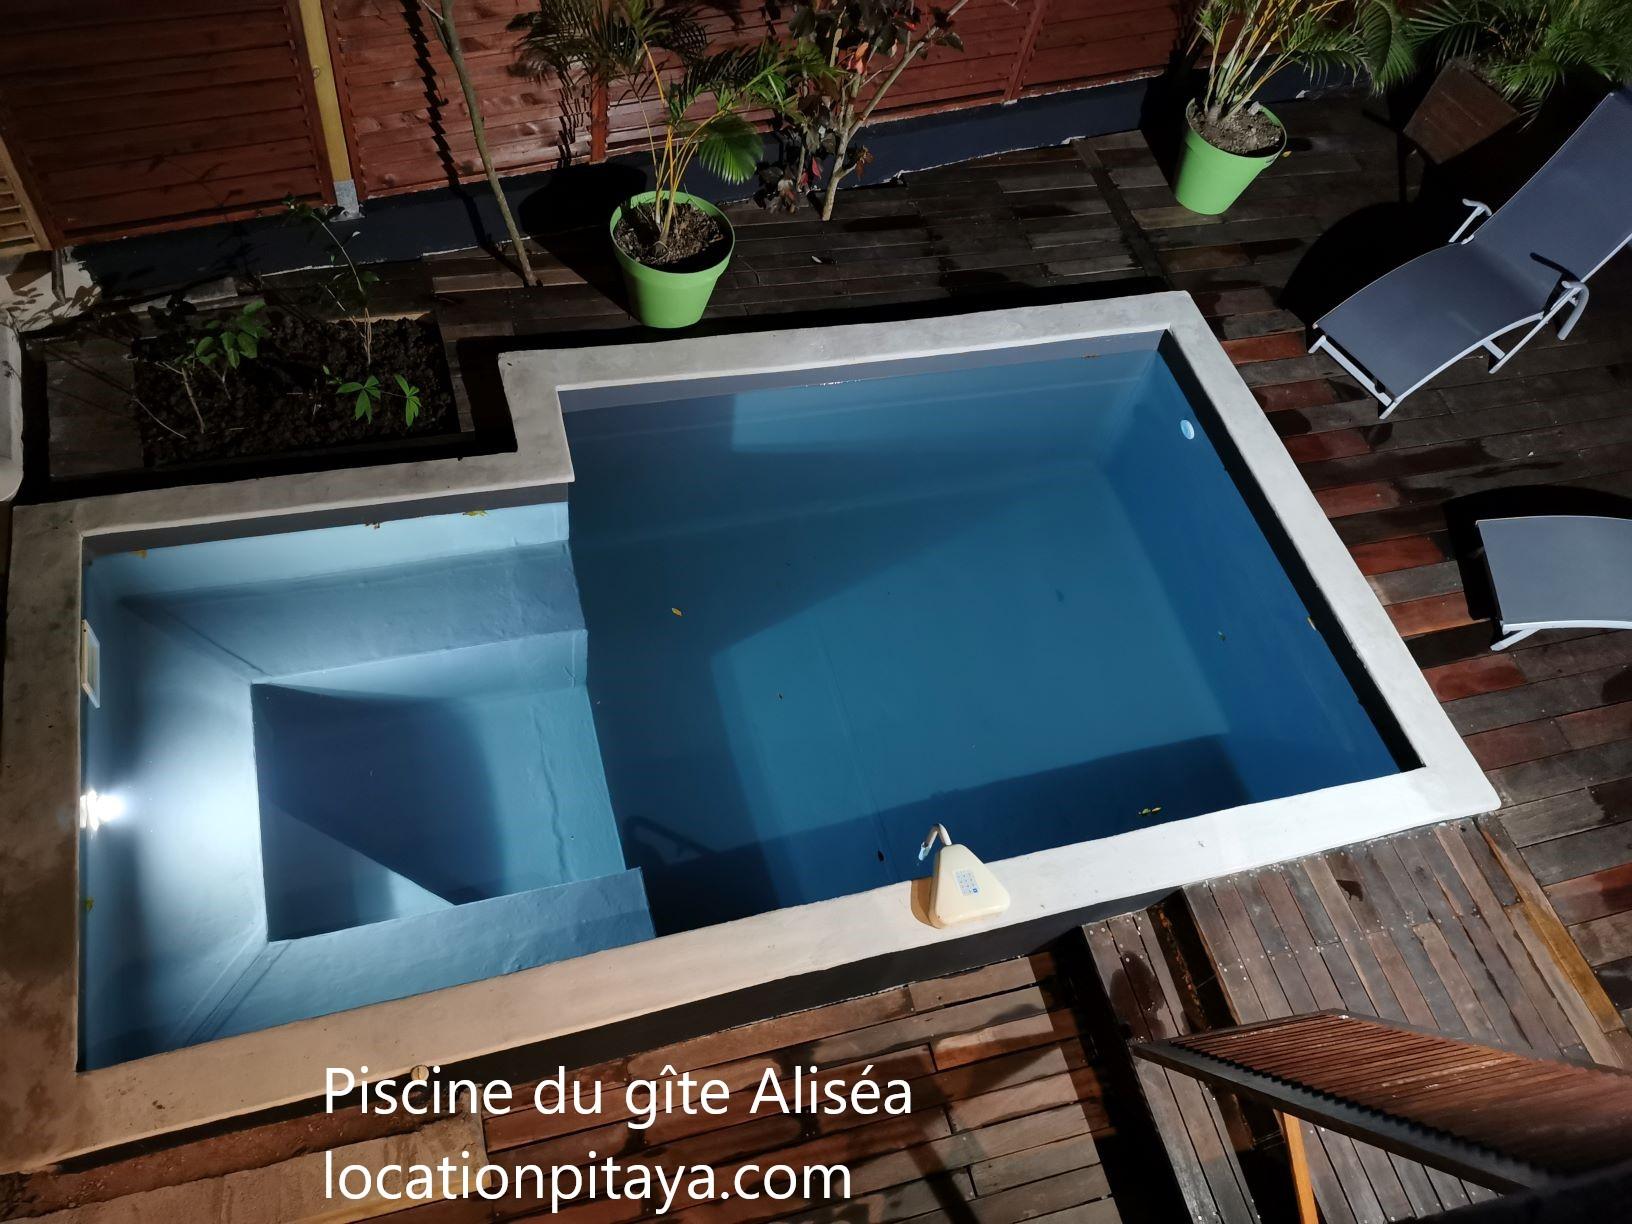 Piscine gîte Aliséa